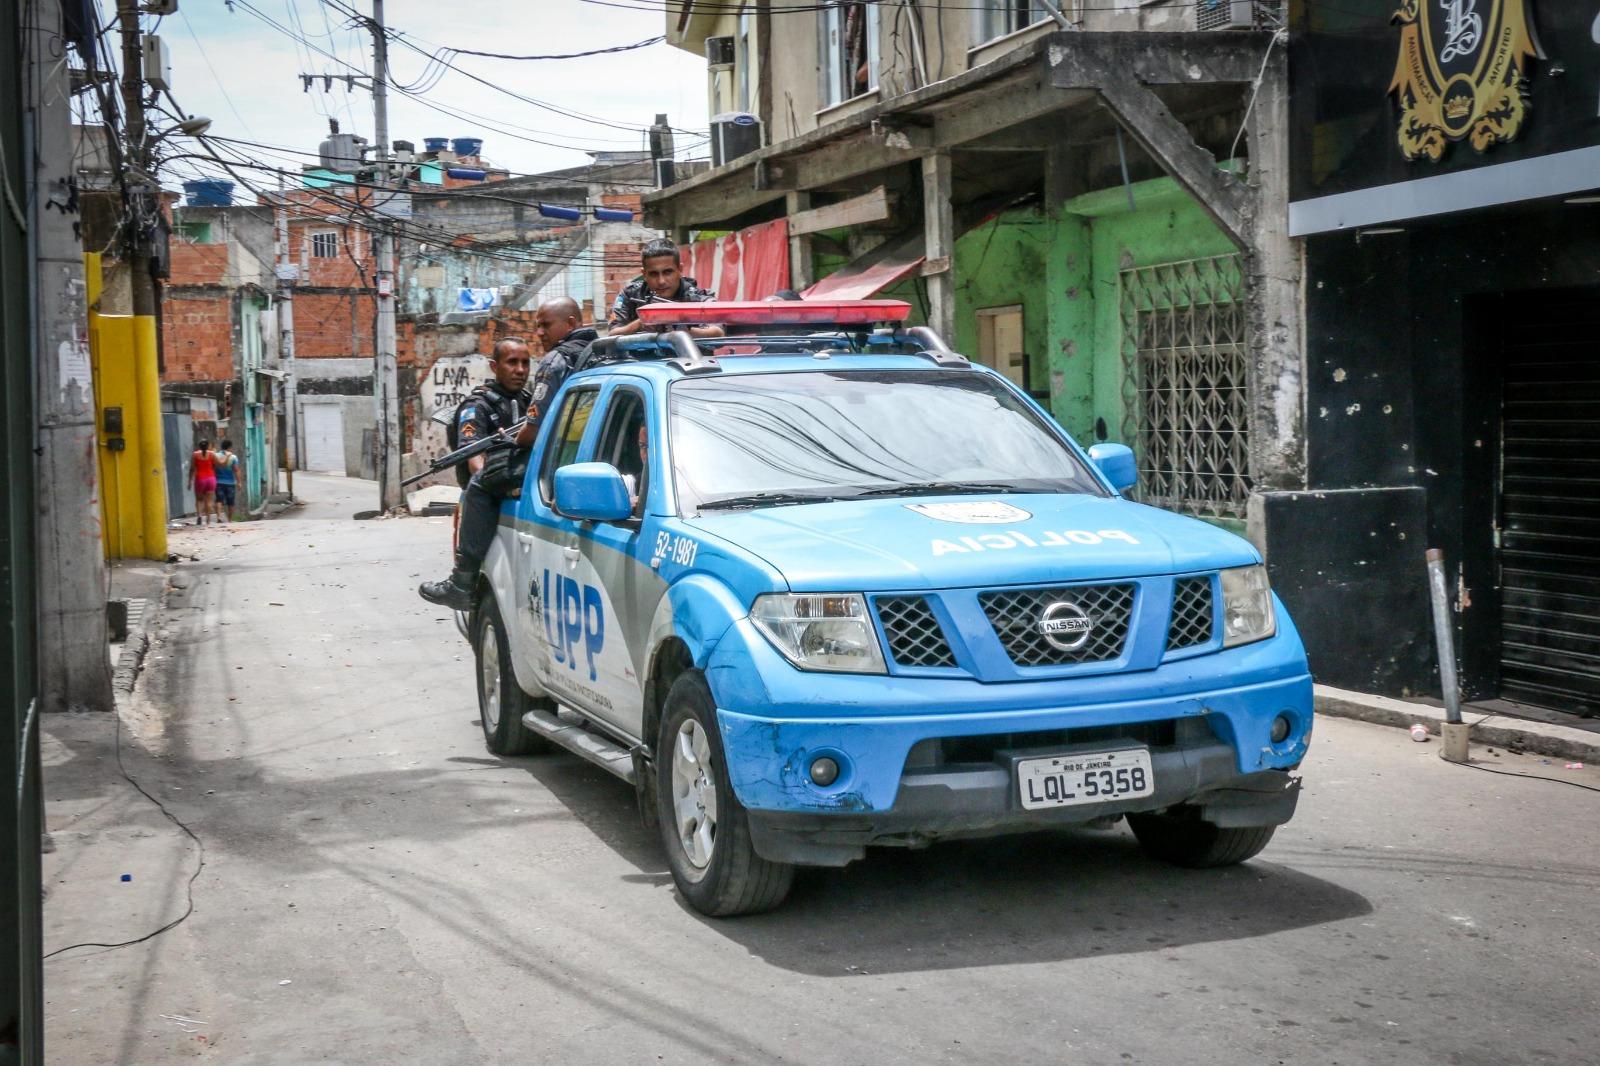 Foto: Betinho Casas Novas / Jornal Voz Das Comunidades